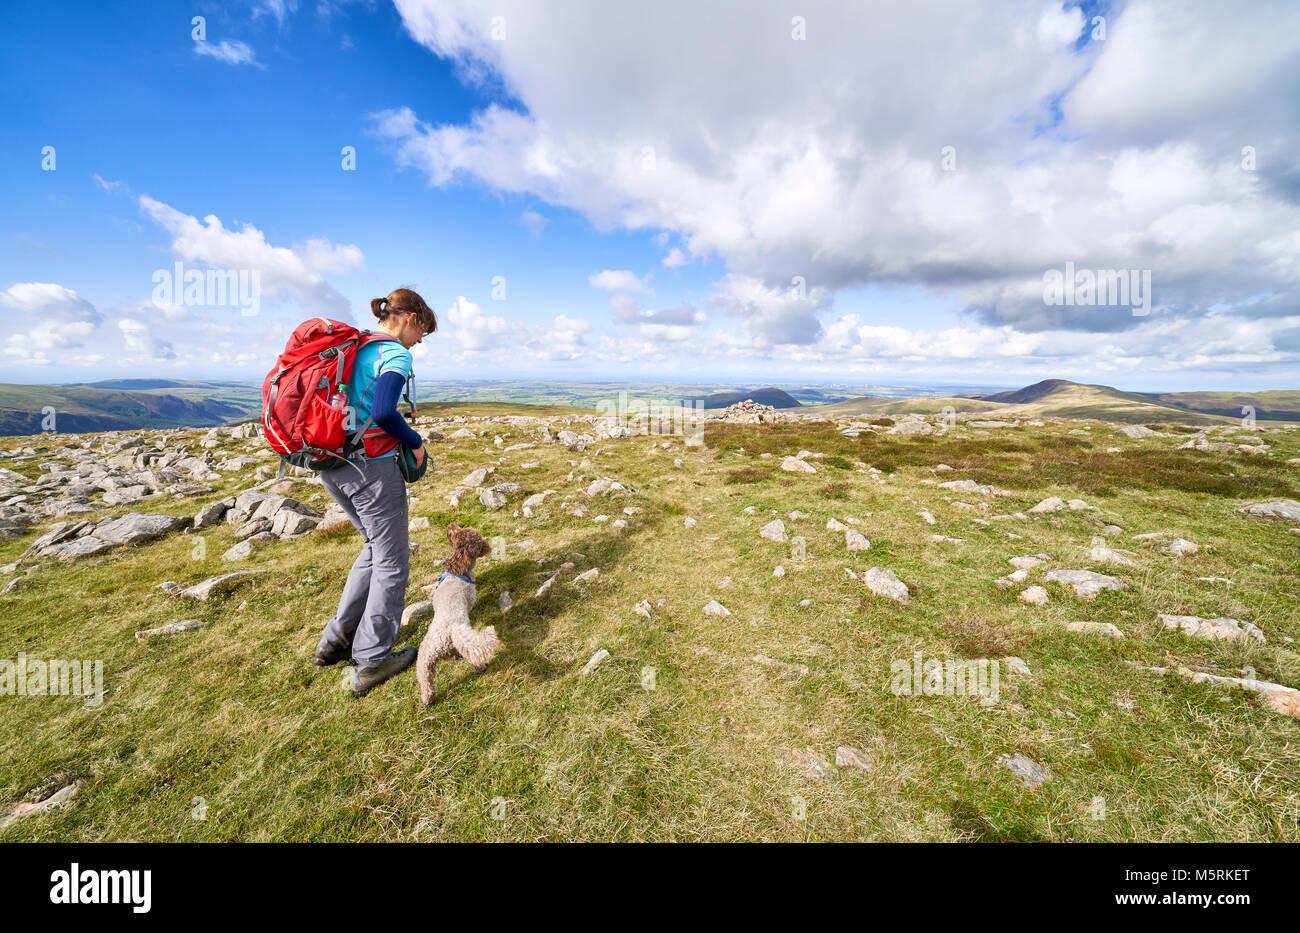 Un excursionista femenina dando a su perro un convite después de caminar fuera de la cumbre de gran sufragados, Imagen De Stock